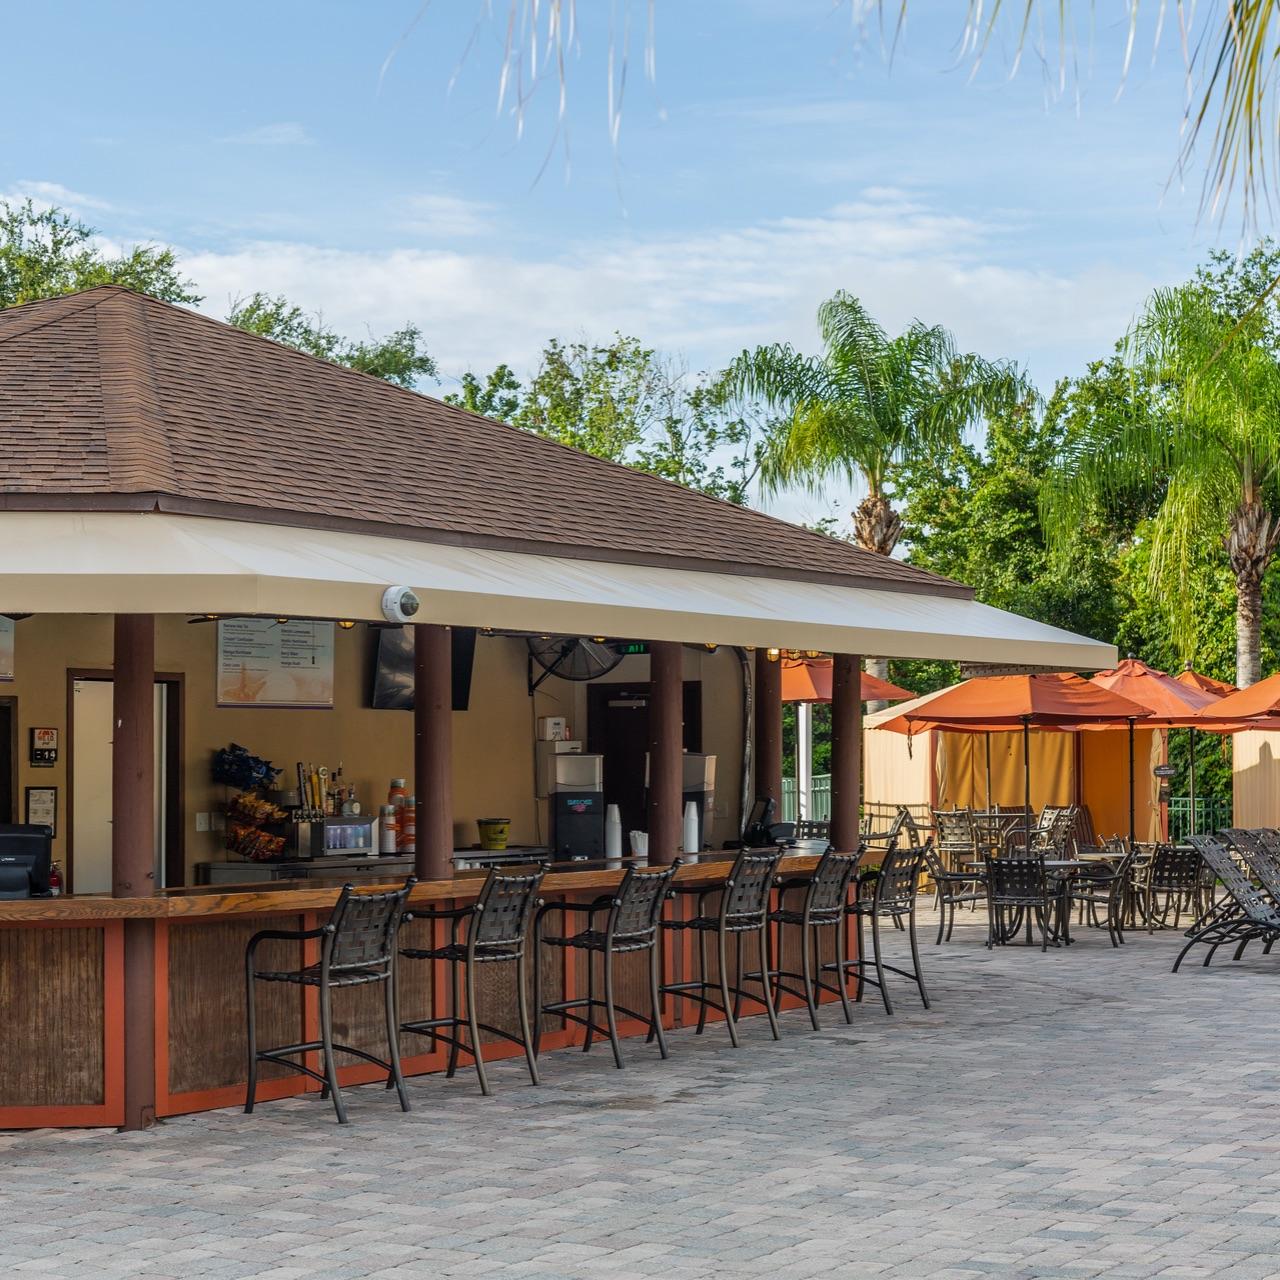 Mystic Dunes outdoor resort area